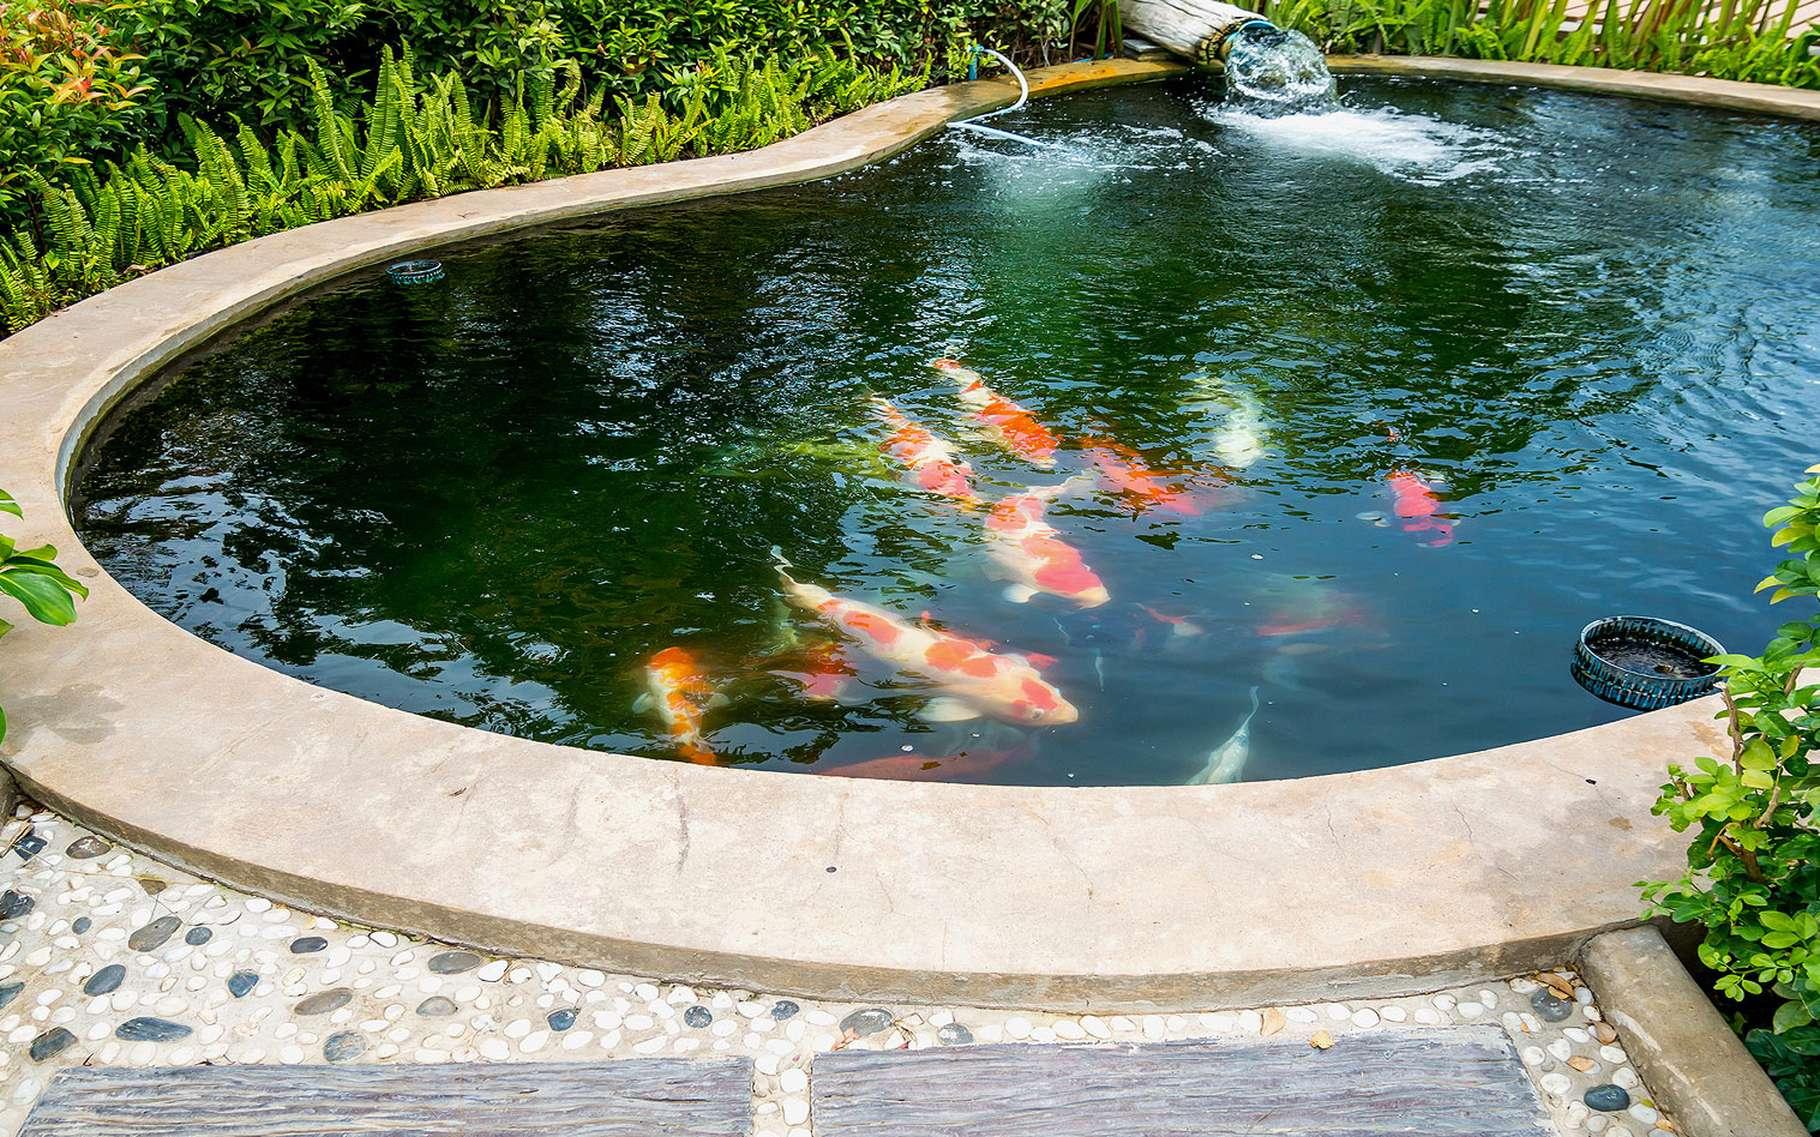 Les Bassins De Jardin En Béton   Dossier à Construire Un Bassin De Jardin